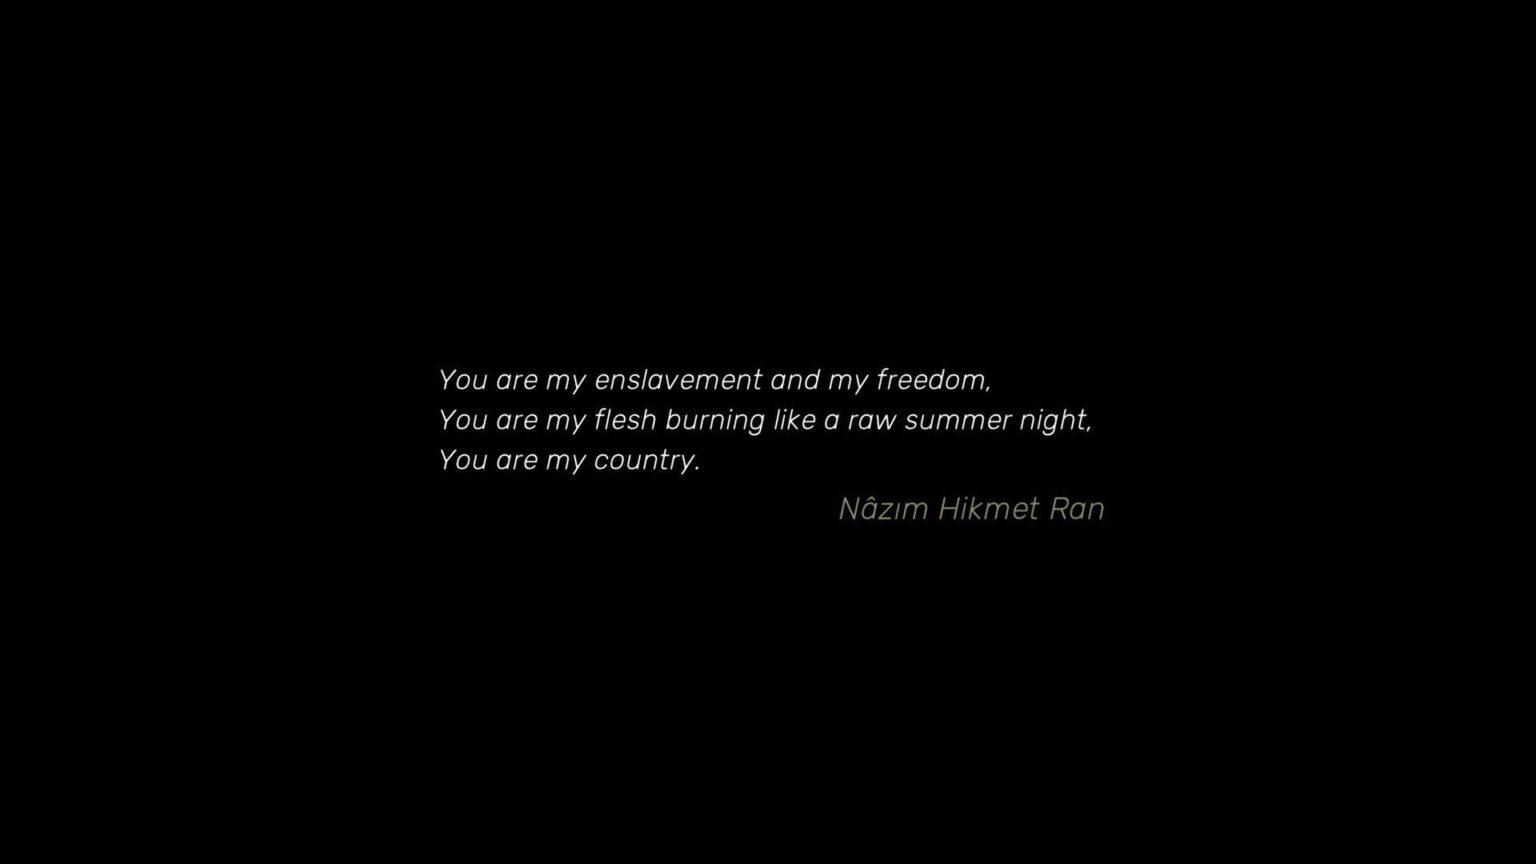 nazım hikmet şiiri twitter